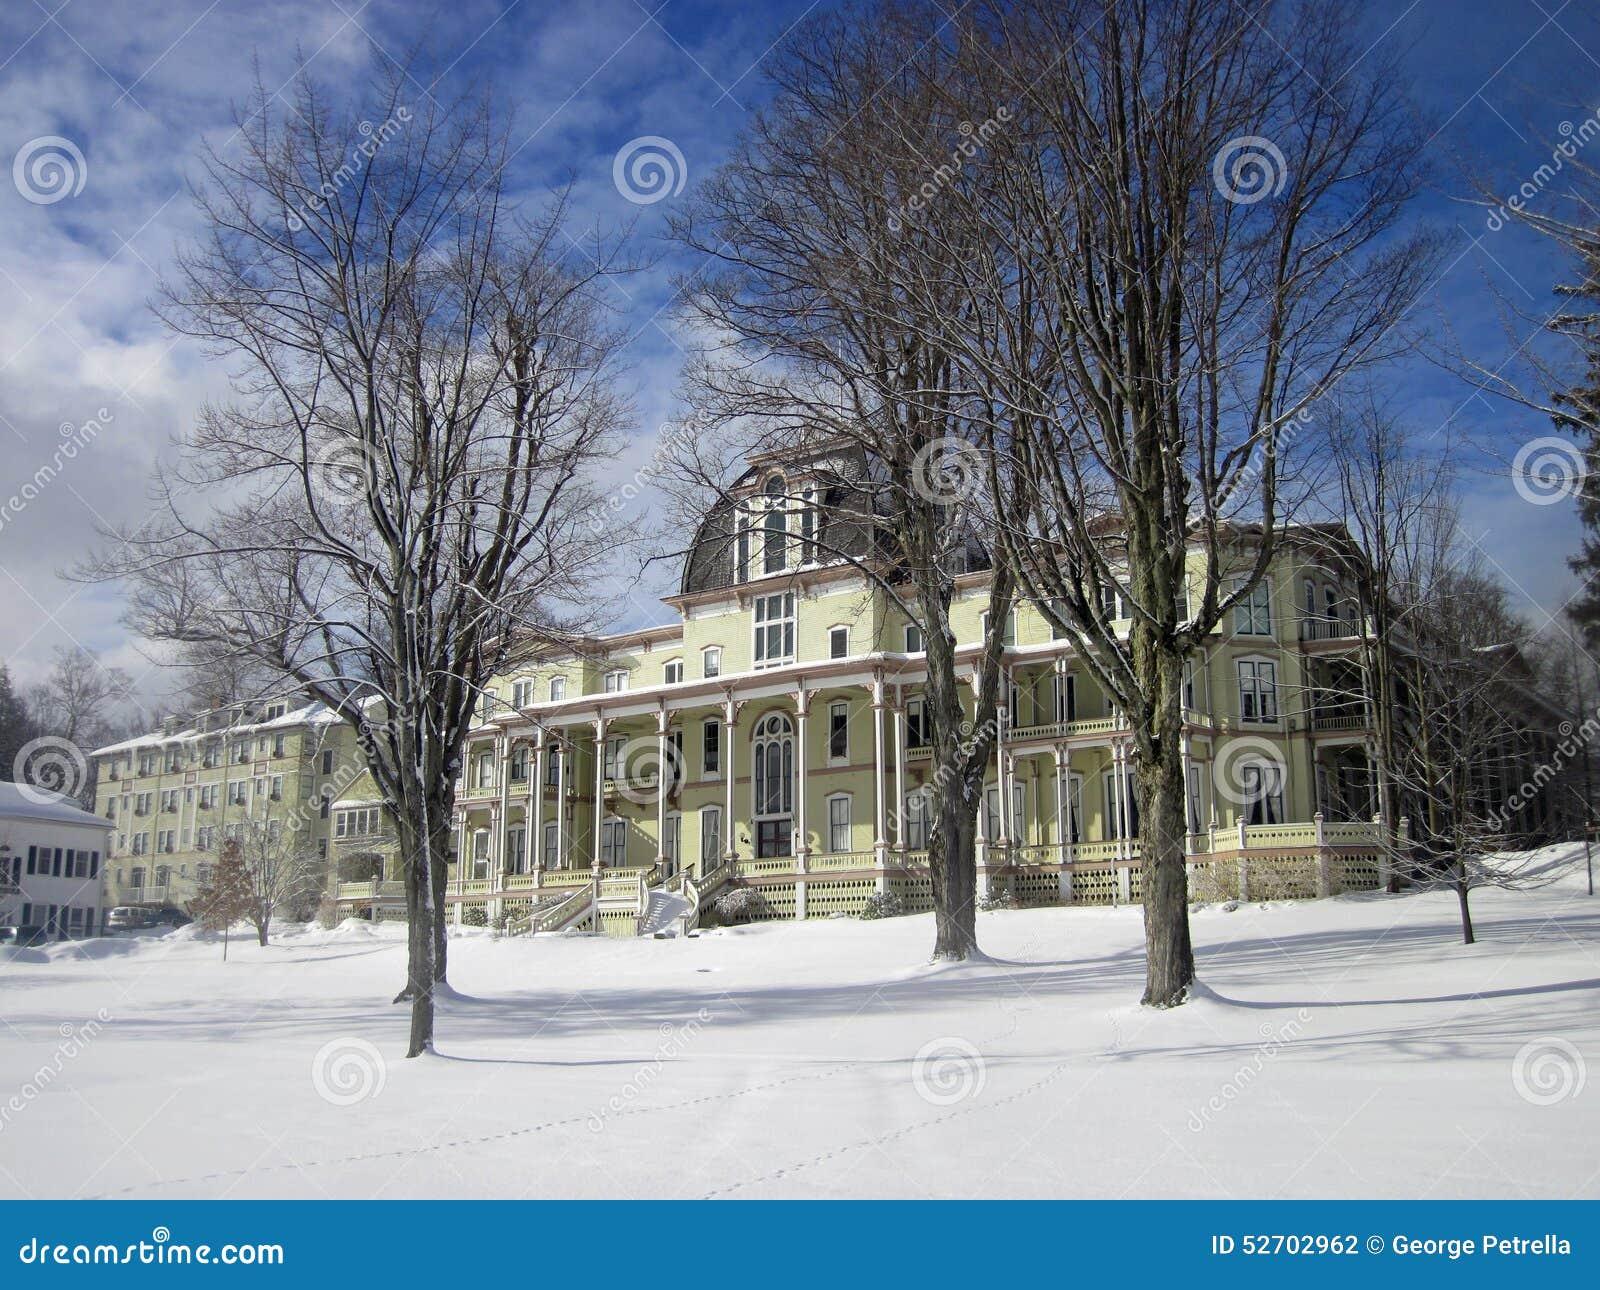 Anthenaeum in Winter in Chautauqua Institution